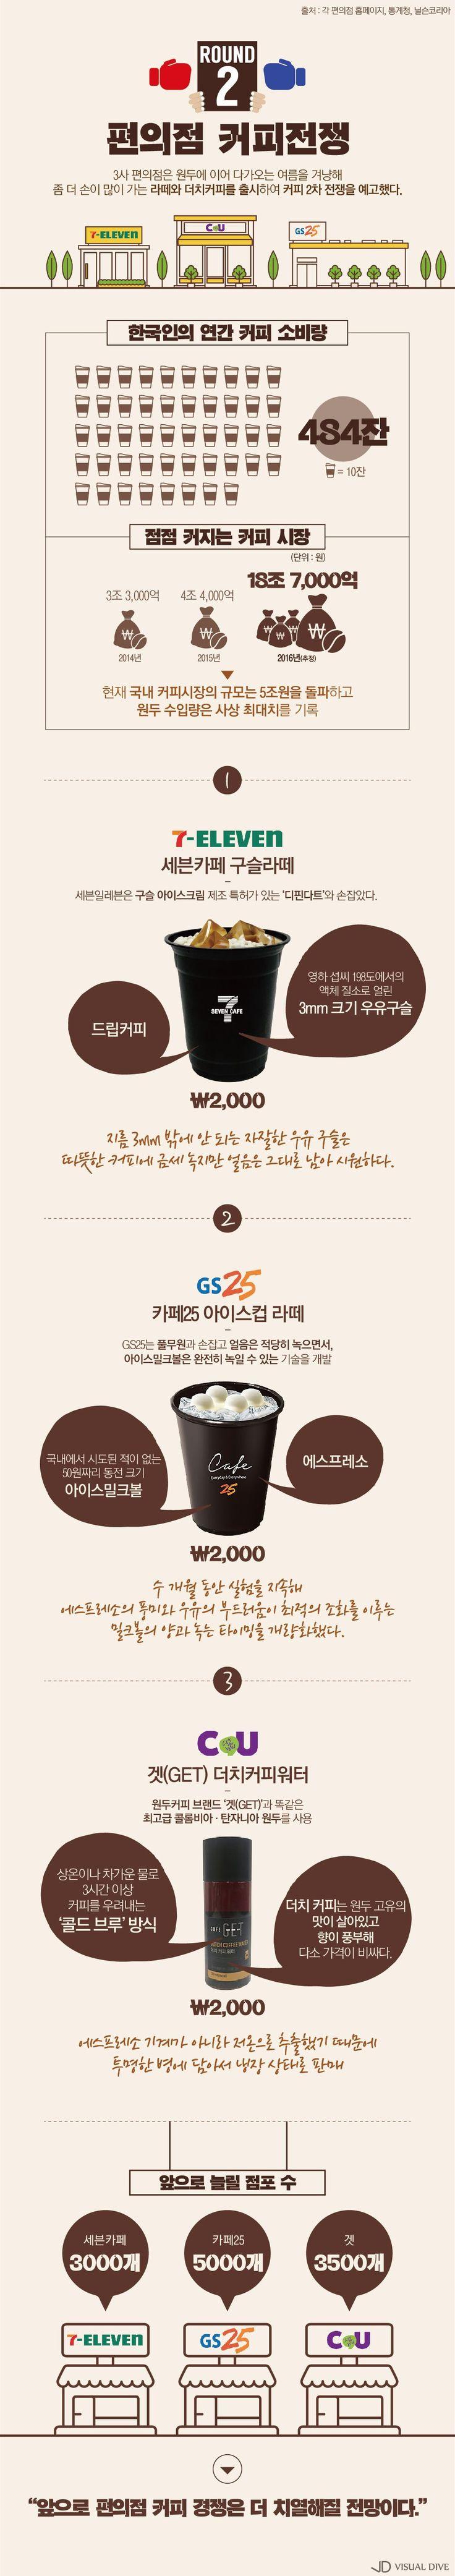 올 여름, '편의점 커피 전쟁' 더 치열해진다! [인포그래픽] #coffee / #Infographic ⓒ 비주얼다이브 무단 복사·전재·재배포…